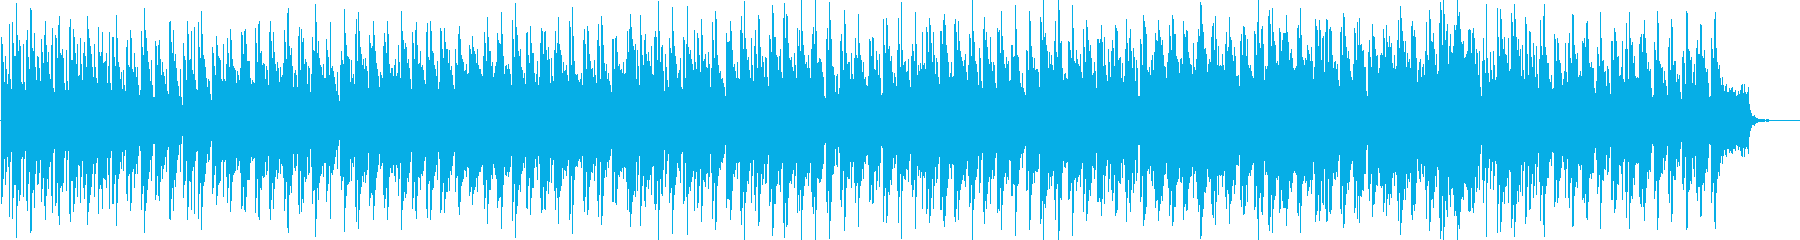 フランシスレイっぽいおしゃれなボサノバの再生済みの波形